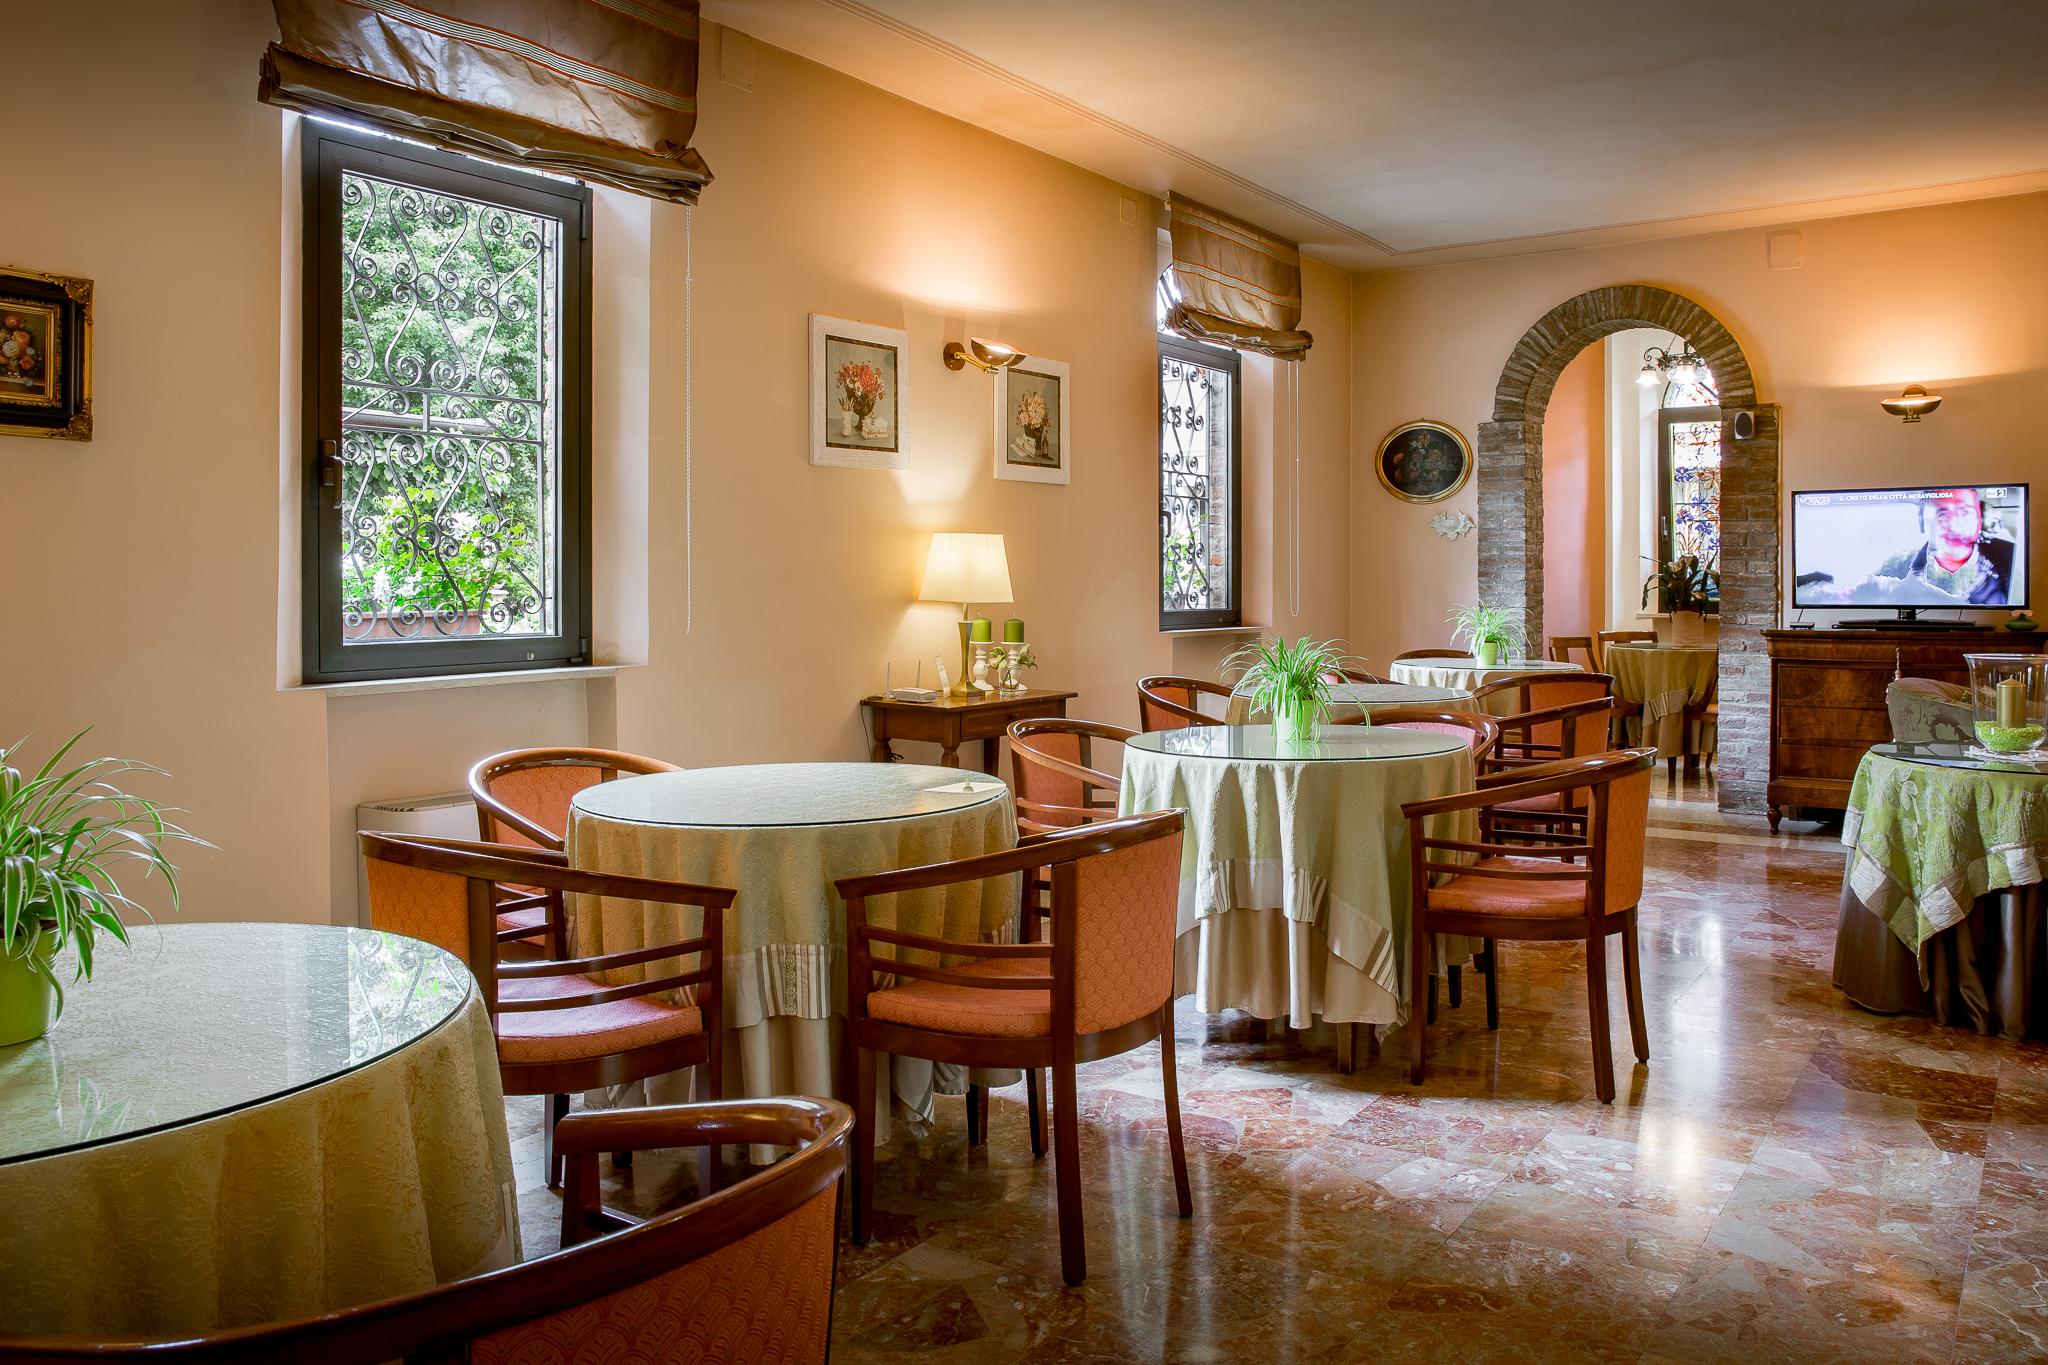 hotel_castello-9105-HDR-53